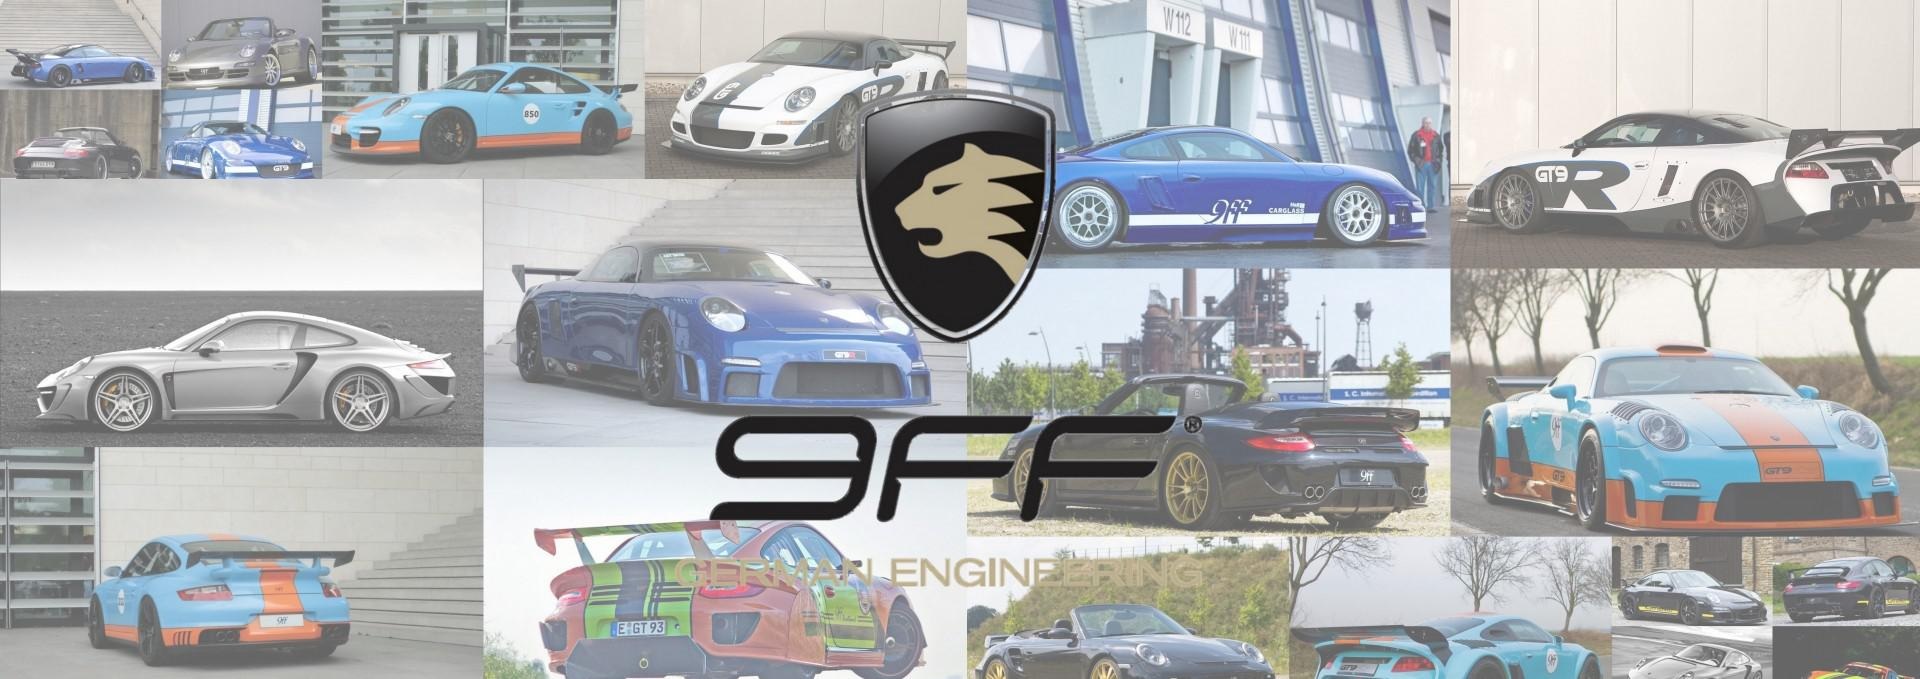 9FF: Préparateur Allemande Spécialisé Porsche